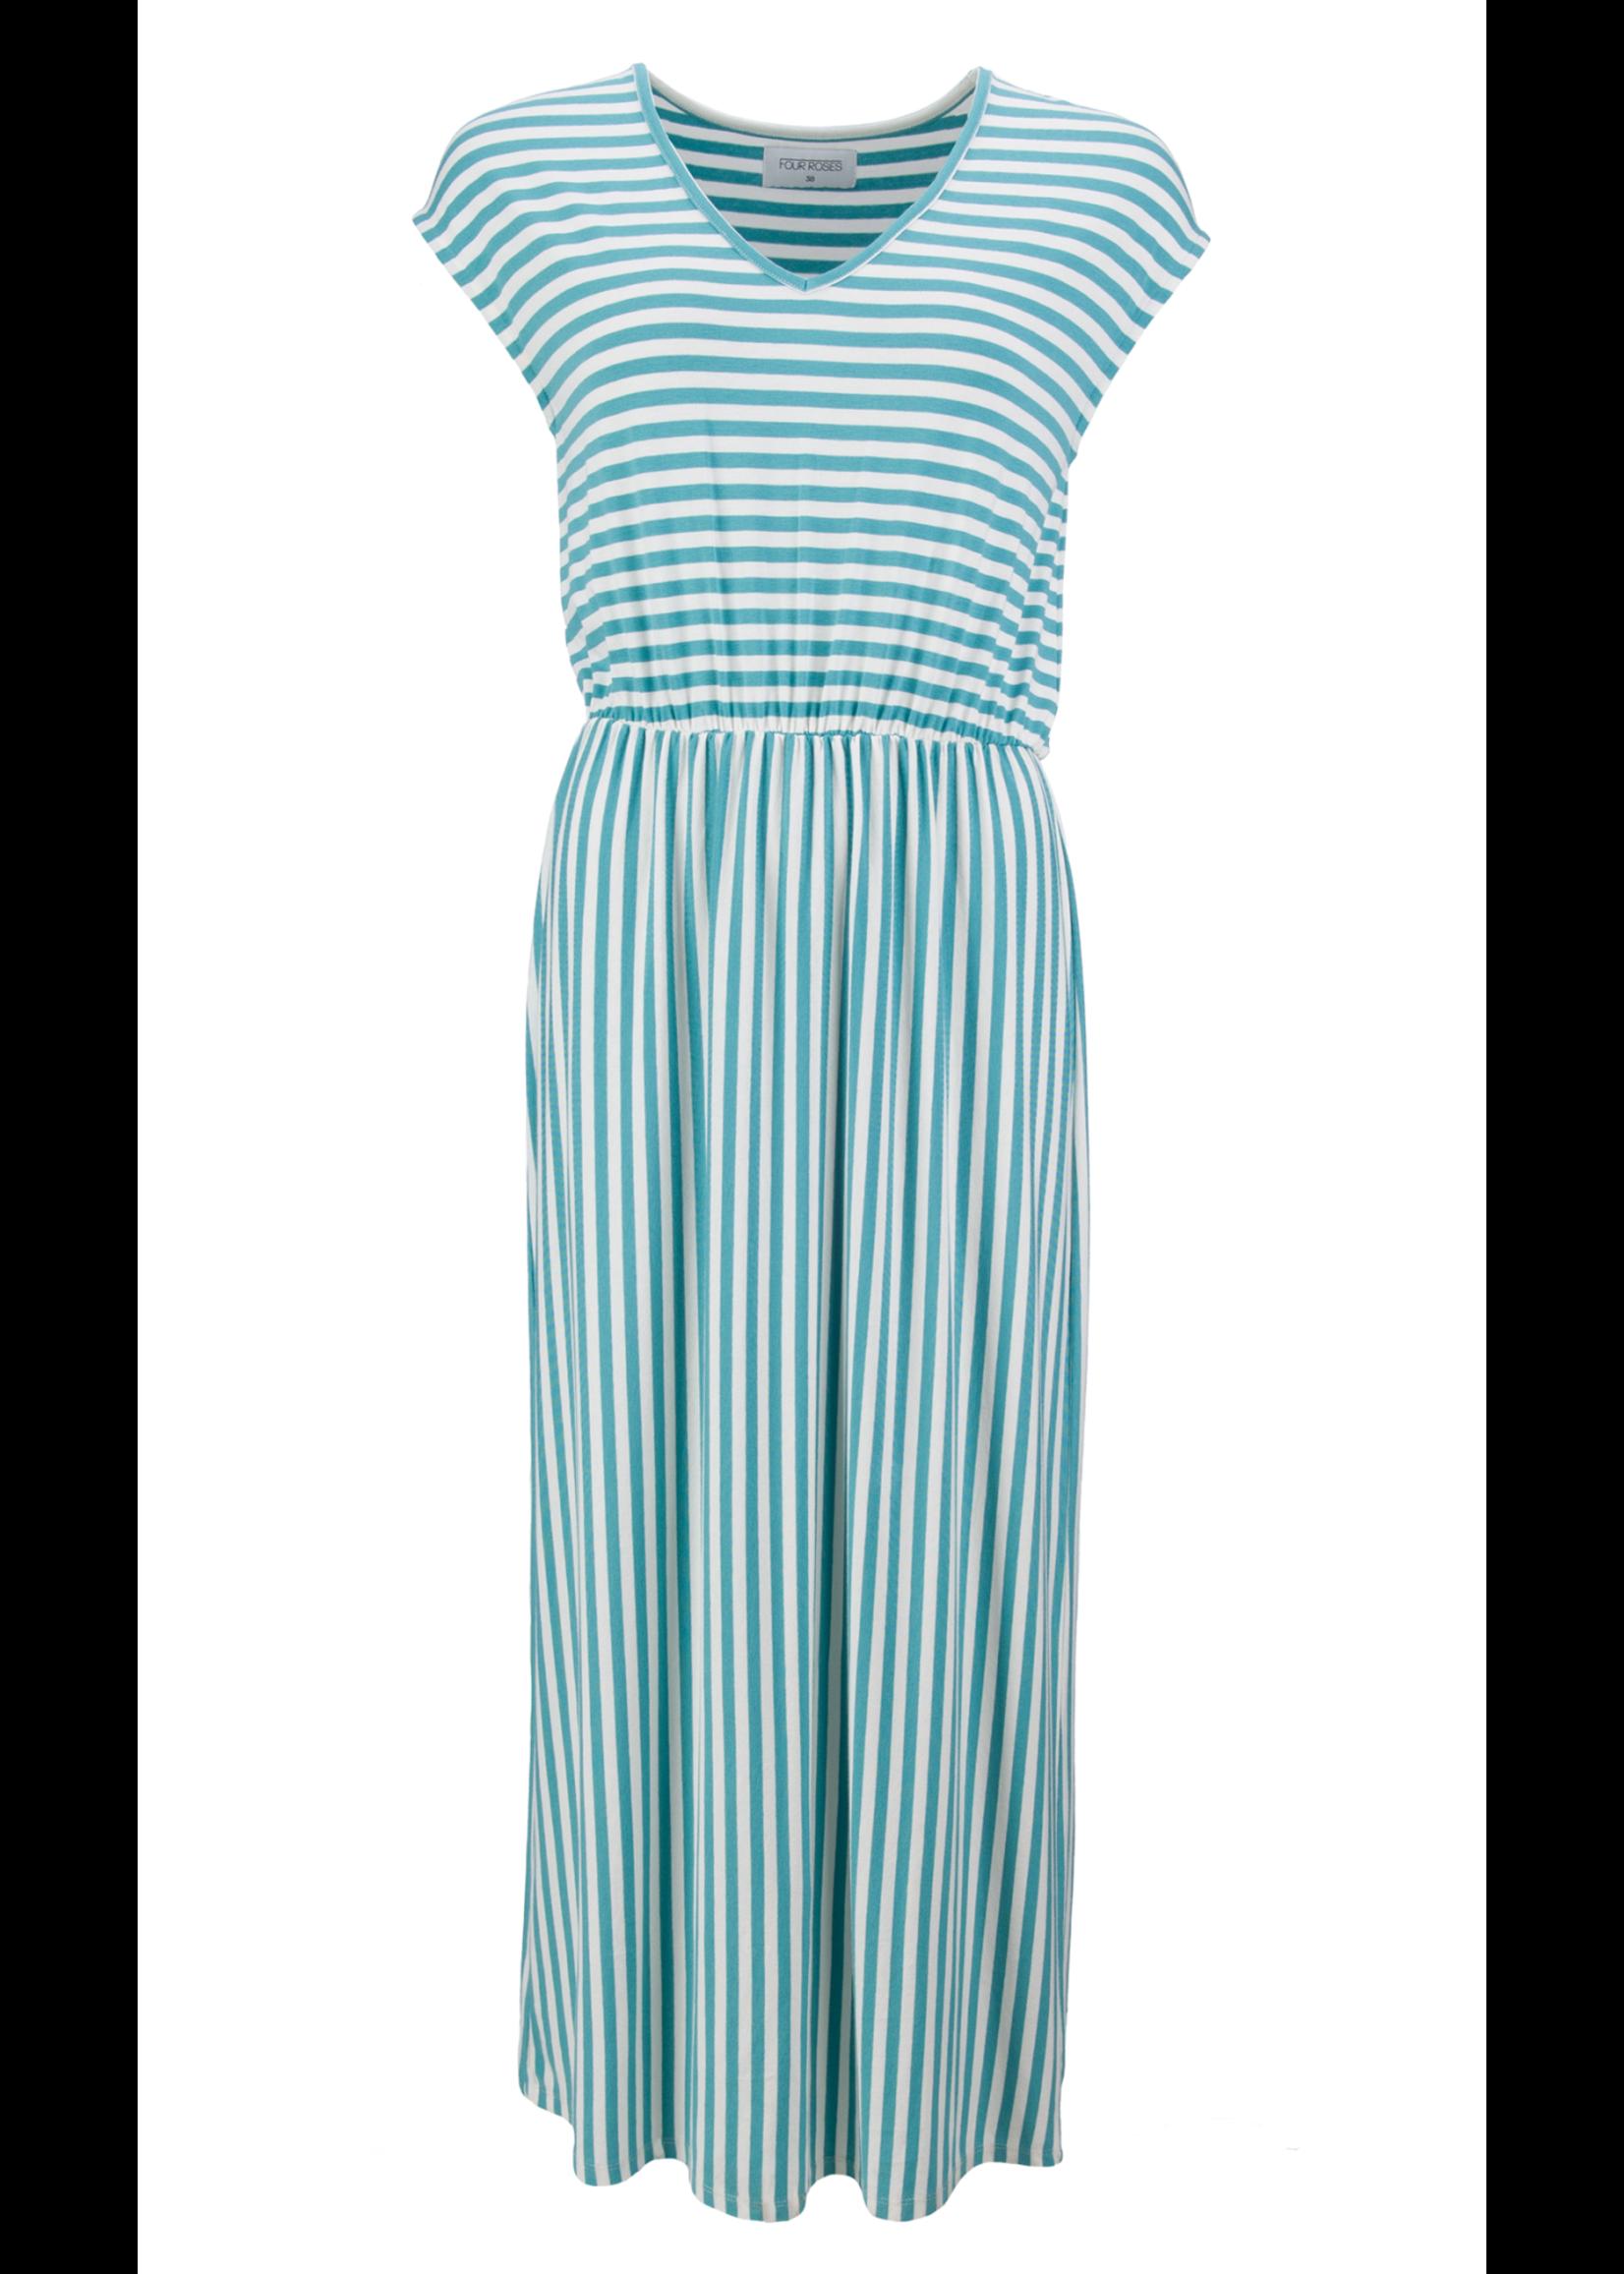 4049 CAM Dress